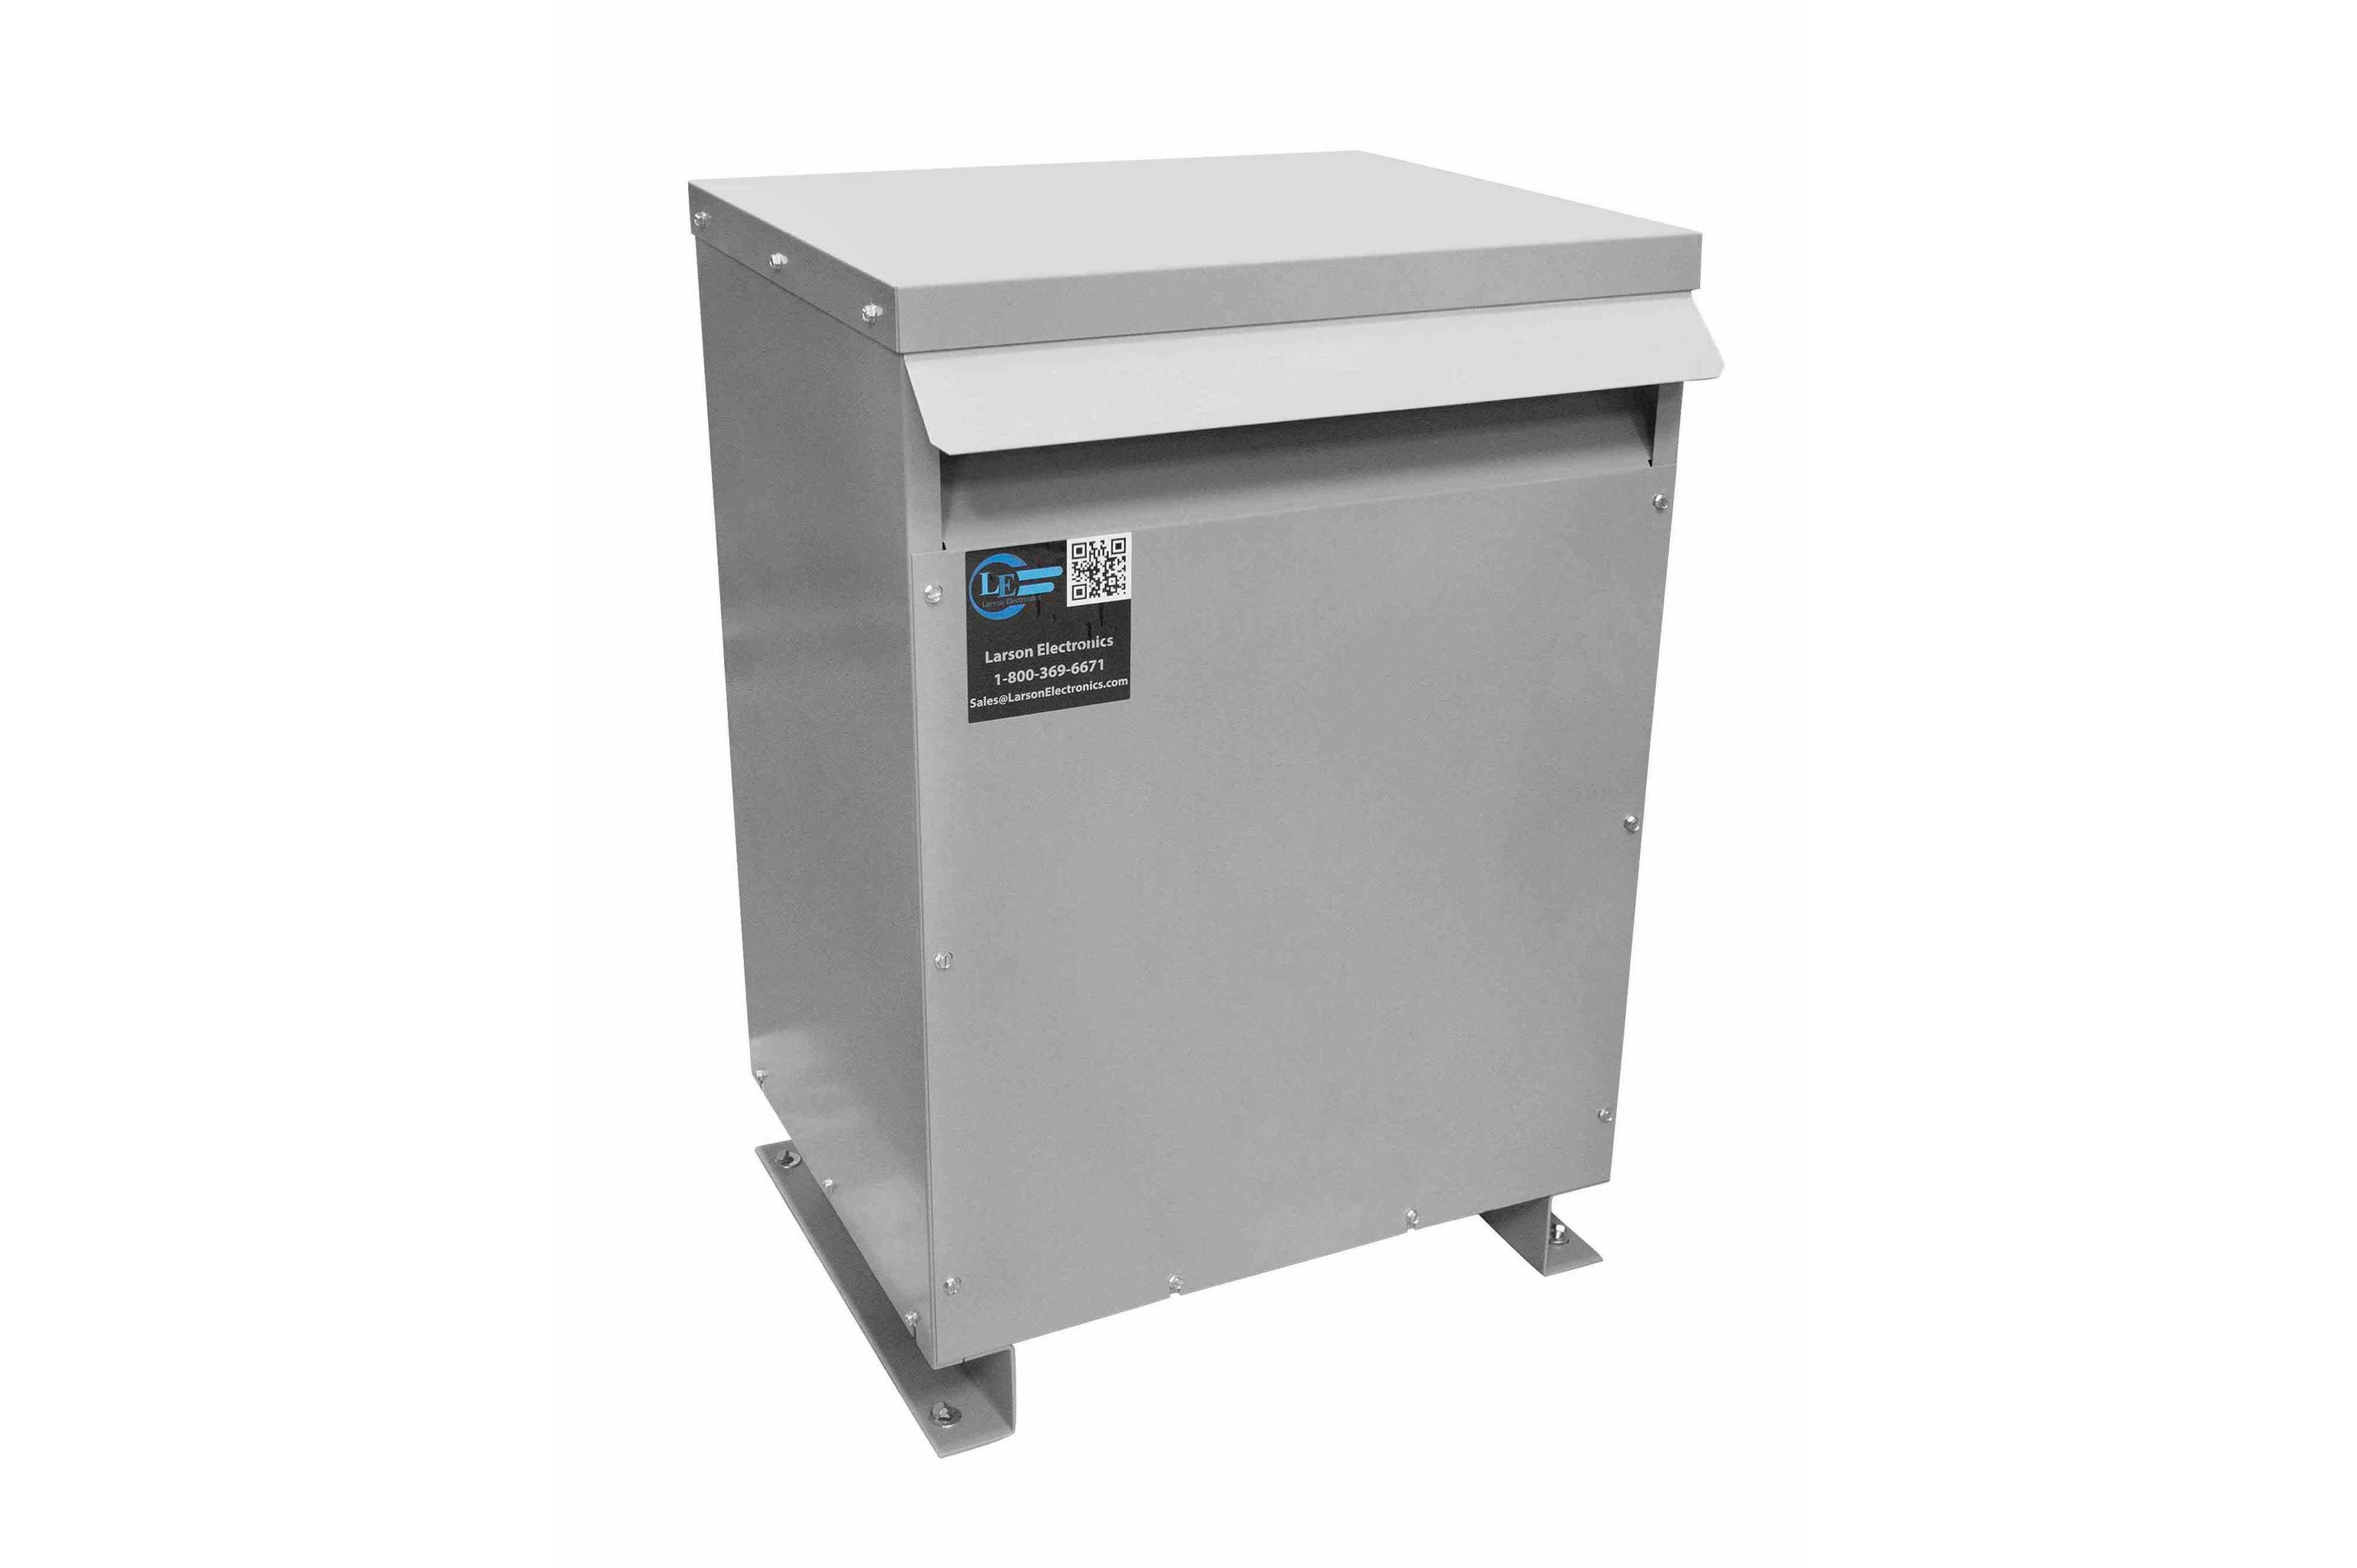 30 kVA 3PH Isolation Transformer, 400V Delta Primary, 240 Delta Secondary, N3R, Ventilated, 60 Hz